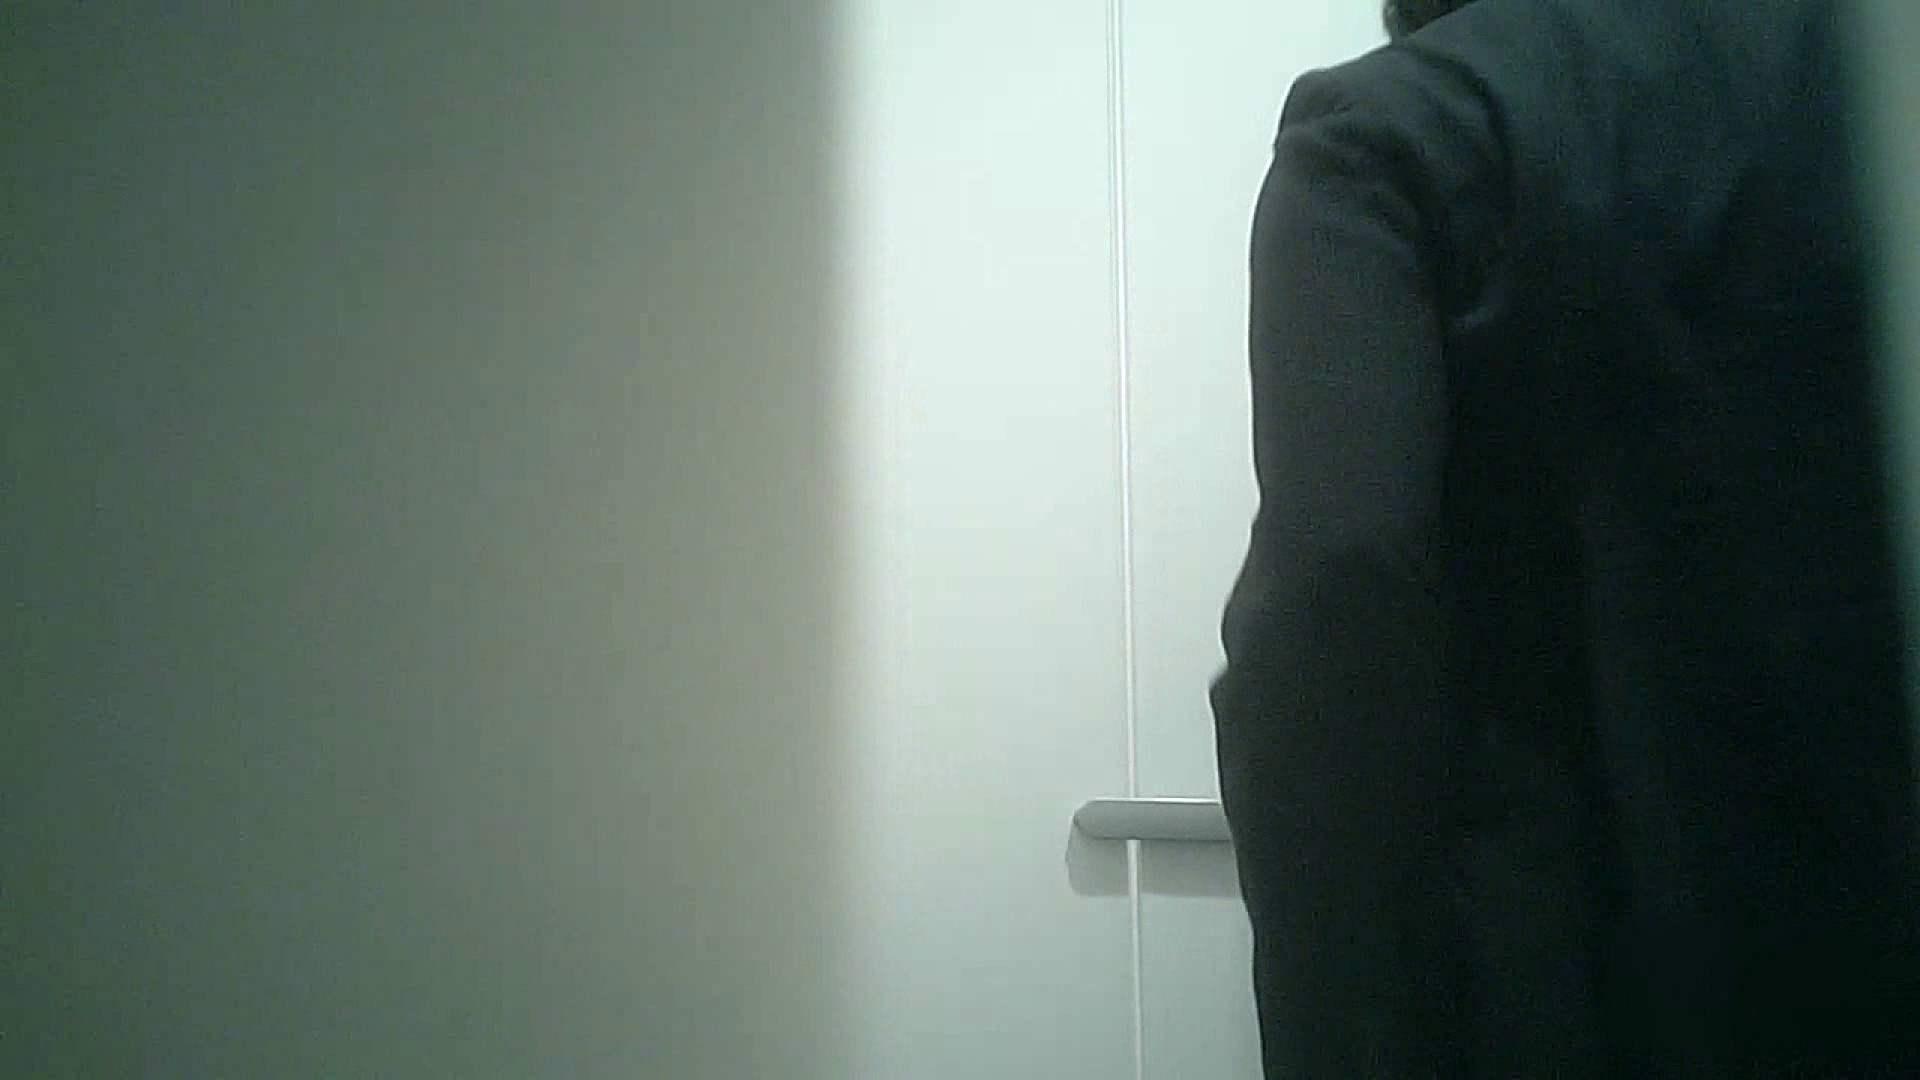 有名大学女性洗面所 vol.36 すっごい「ほじって」ます。 潜入 すけべAV動画紹介 84画像 48